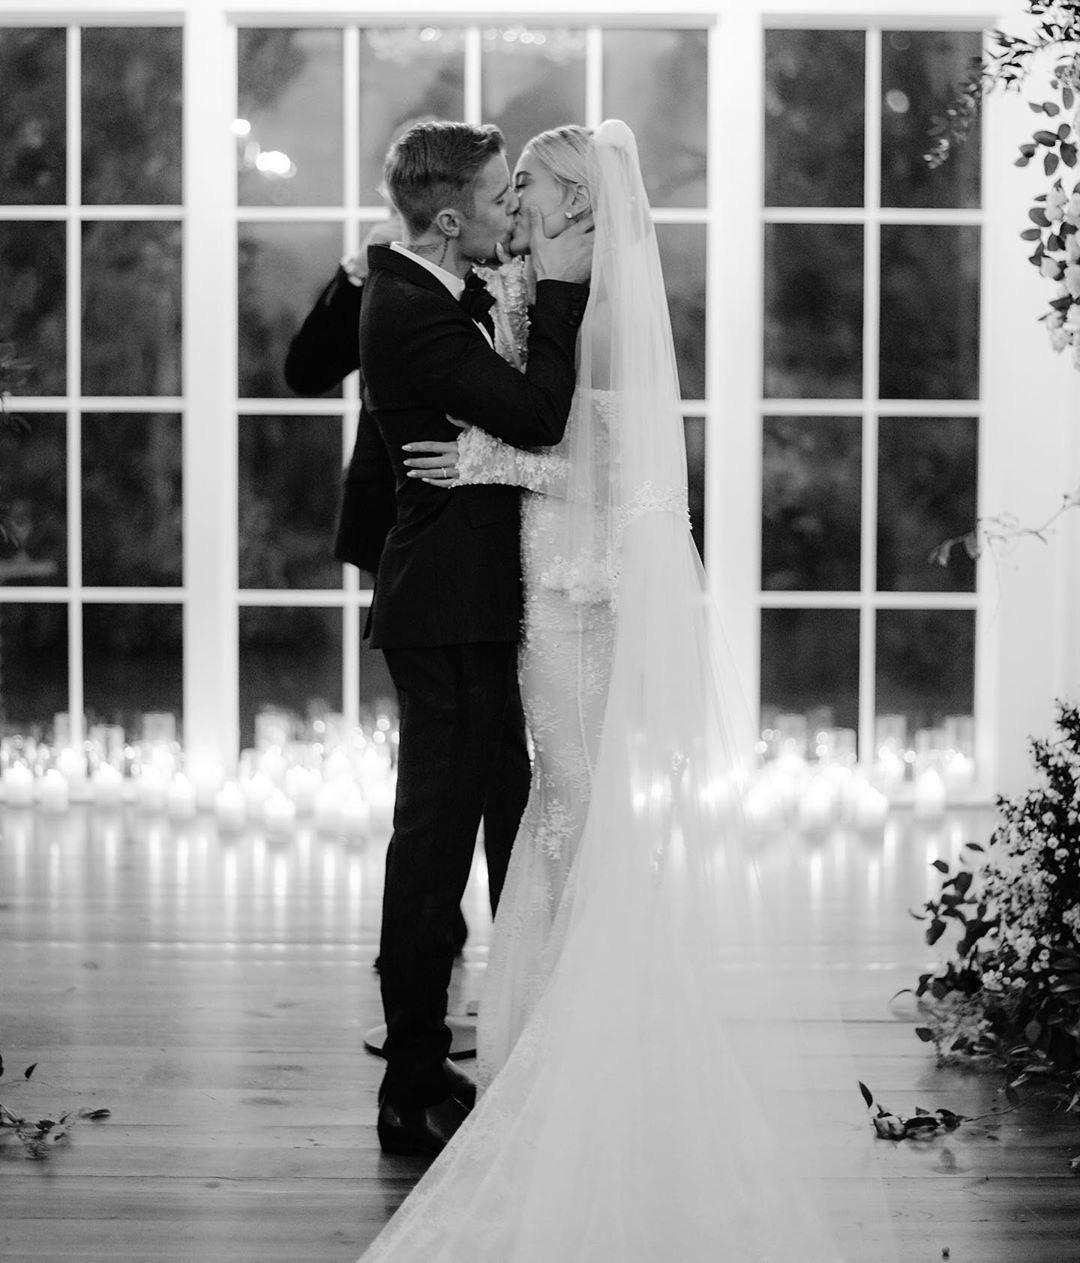 Justin Bieber kỷ niệm 1 năm tổ chức hôn lễ với Hailey Baldwin, tâm sự mùi mẫn và ảnh hiếm tình bể bình được chia sẻ - Ảnh 3.